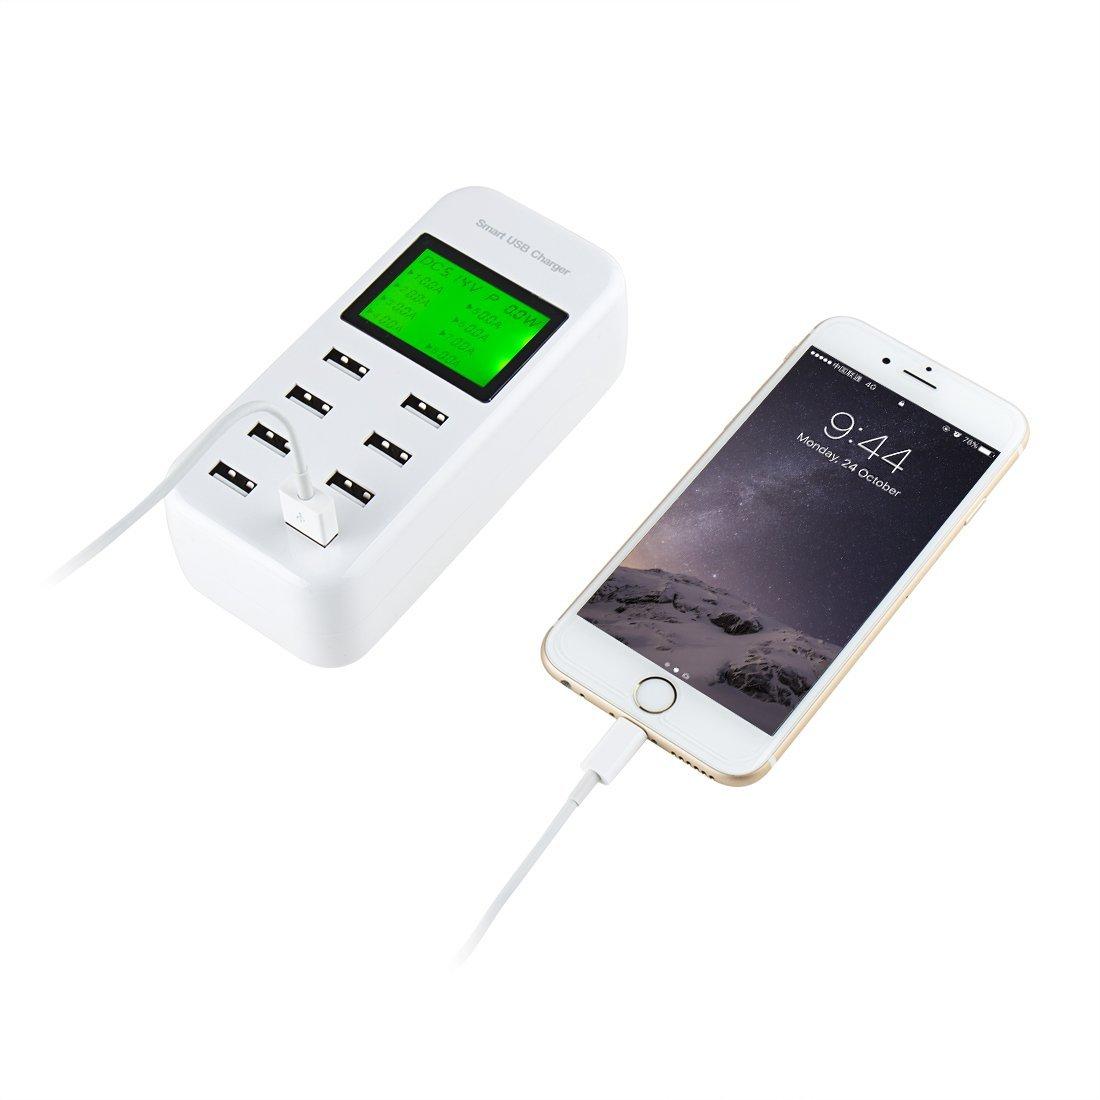 Amazon.com: eDealMax inteligente USB cargador de 40W 8A 8 Multi-Puerto de escritorio estación de carga Con pantalla LCD Para teléfonos tabletas de teléfono ...